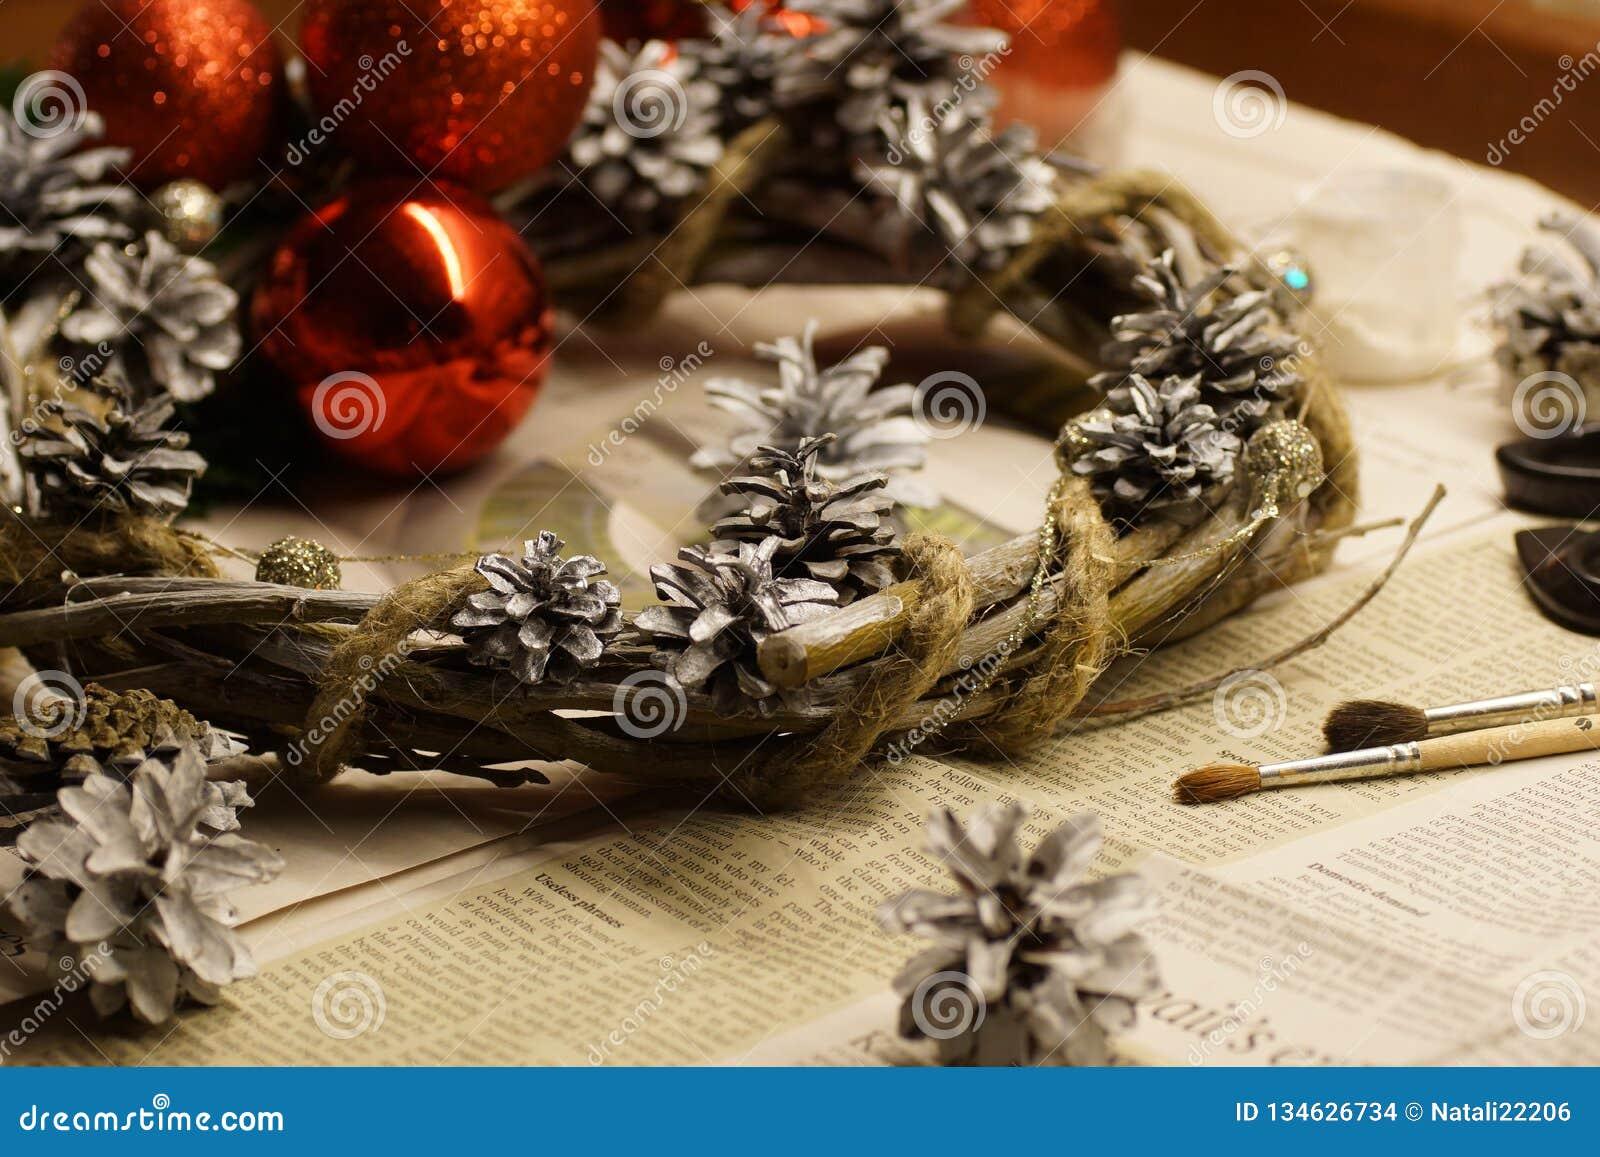 Der Prozess der Herstellung eines Weihnachtskranzes mit seinen eigenen Händen Einführungskranz oder Einführungskrone, ist eine ch